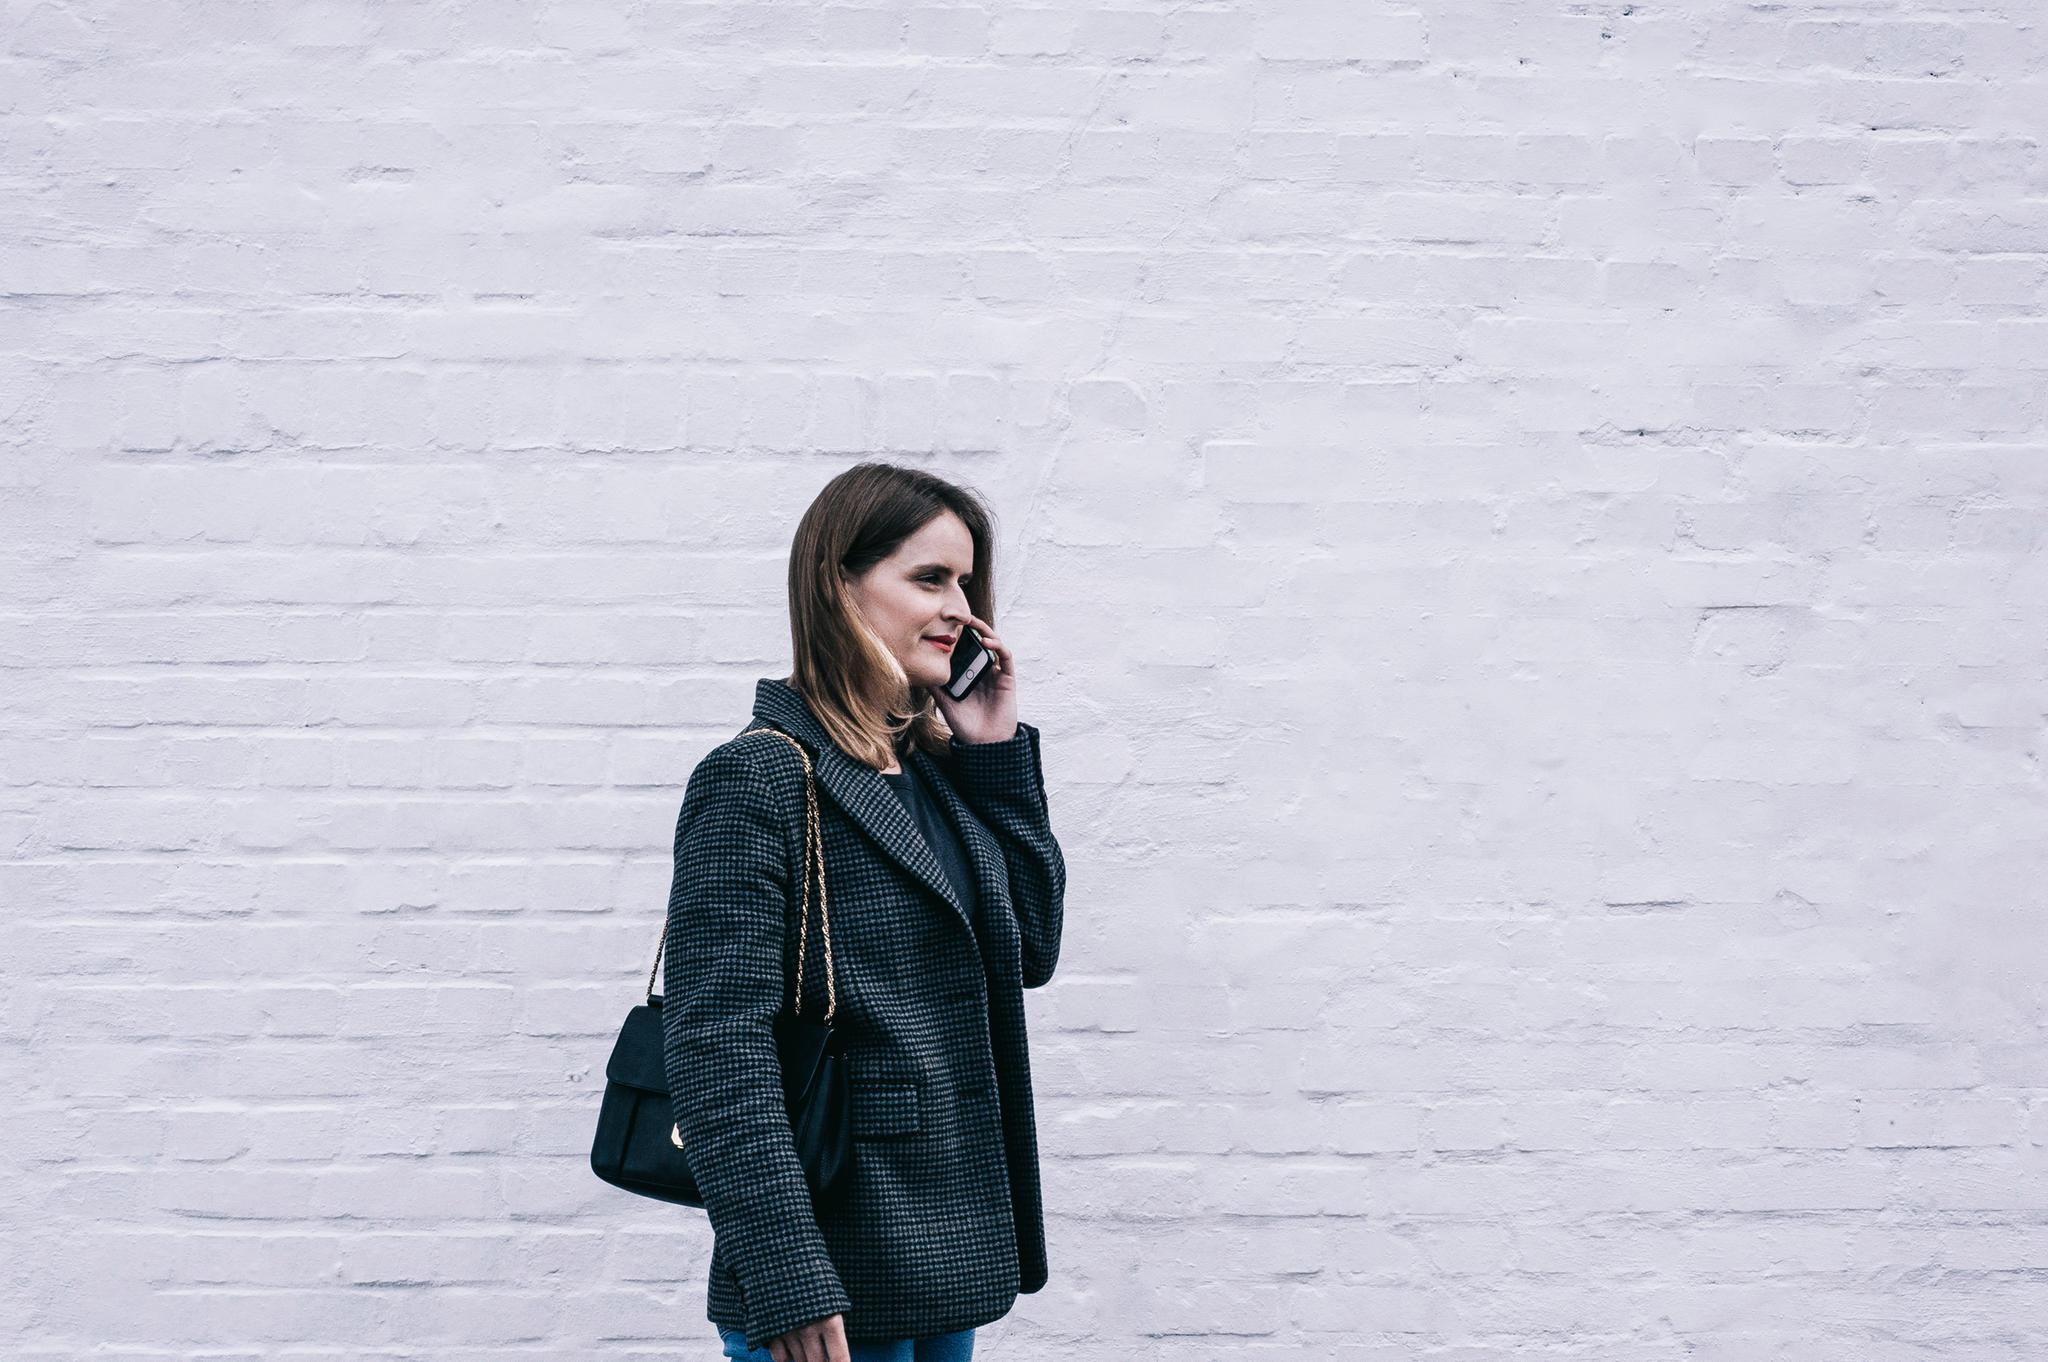 """Von wegen """"Der Teufel trägt Prada"""": Mythos Fashion-Branche: Neun Fragen, die eine Modejournalistin ständig hört"""